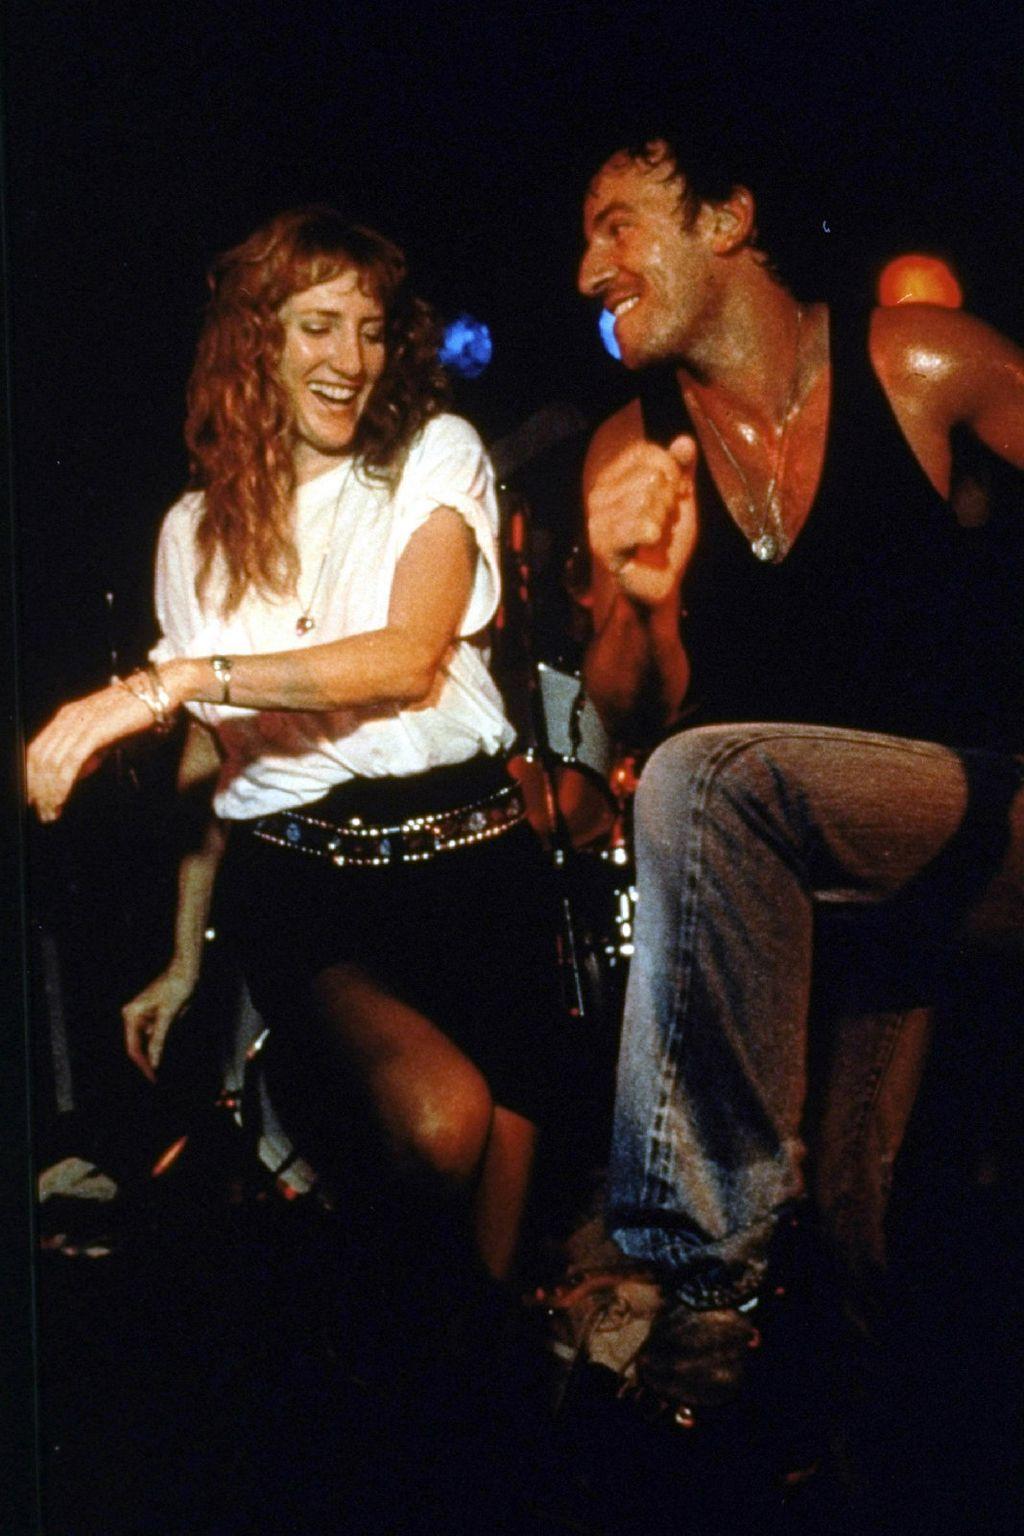 Patti je 1984. godina postala članica Bruceovog E Street Banda